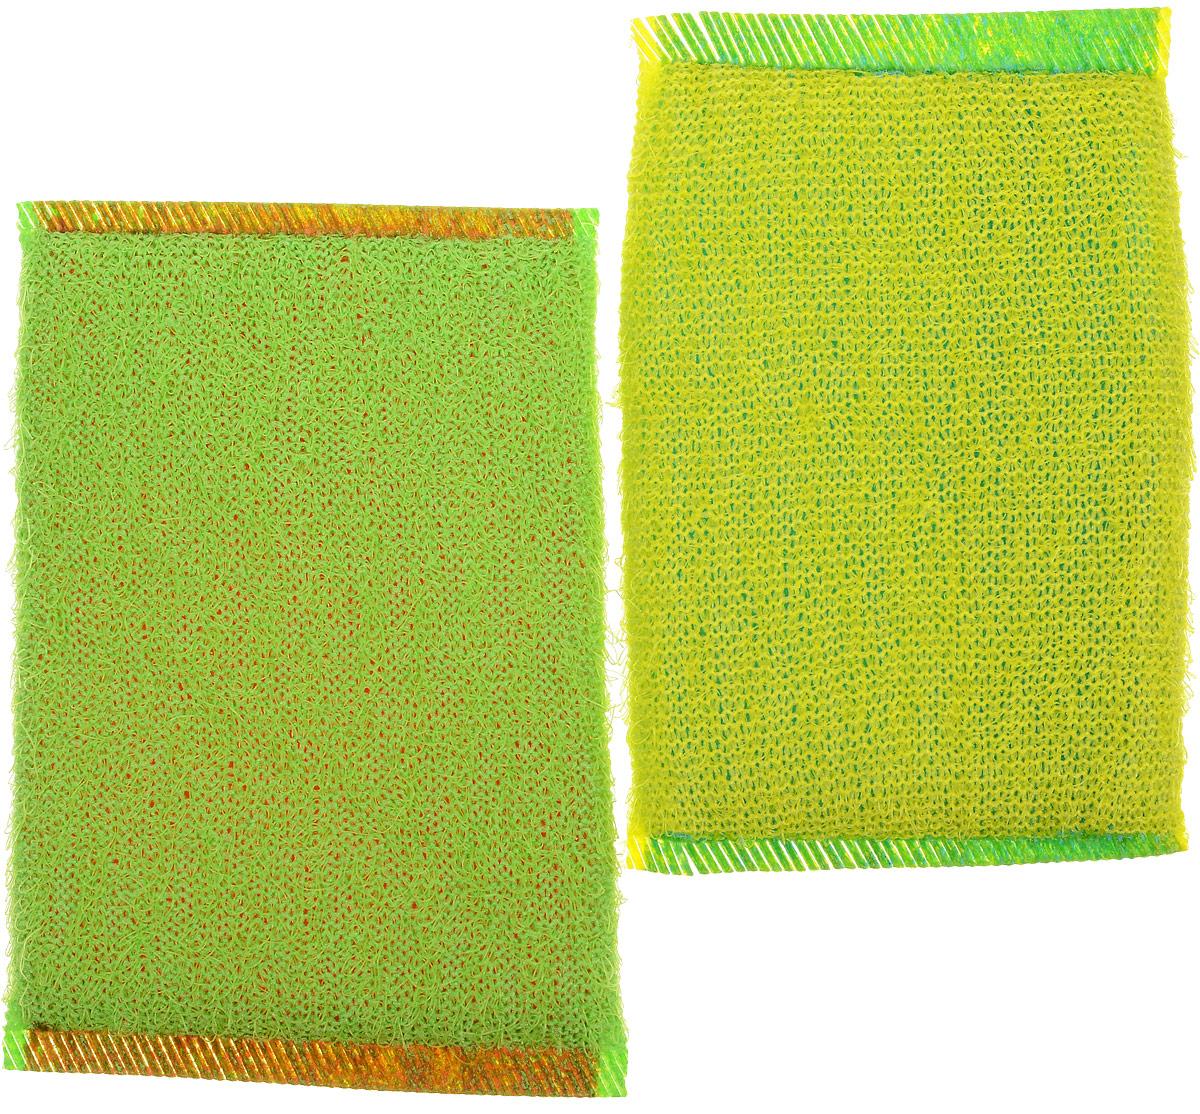 Губка для мытья посуды Хозяюшка Мила Кактус, цвет: желтый, зеленый, 2 шт01008-100_желтый, зеленыйНабор Хозяюшка Мила Кактус состоит из 2 губок, изготовленных из поролона. Они предназначены для интенсивной чистки и удаления сильных загрязнений с посуды (противни, решетки-гриль, кастрюли).Не рекомендуется использовать для посуды с антипригарным покрытием. Губки сохраняют чистоту и свежесть даже после многократного применения, а их эргономичная форма удобна для руки.Размер губки: 12 см х 2 см х 8 см.